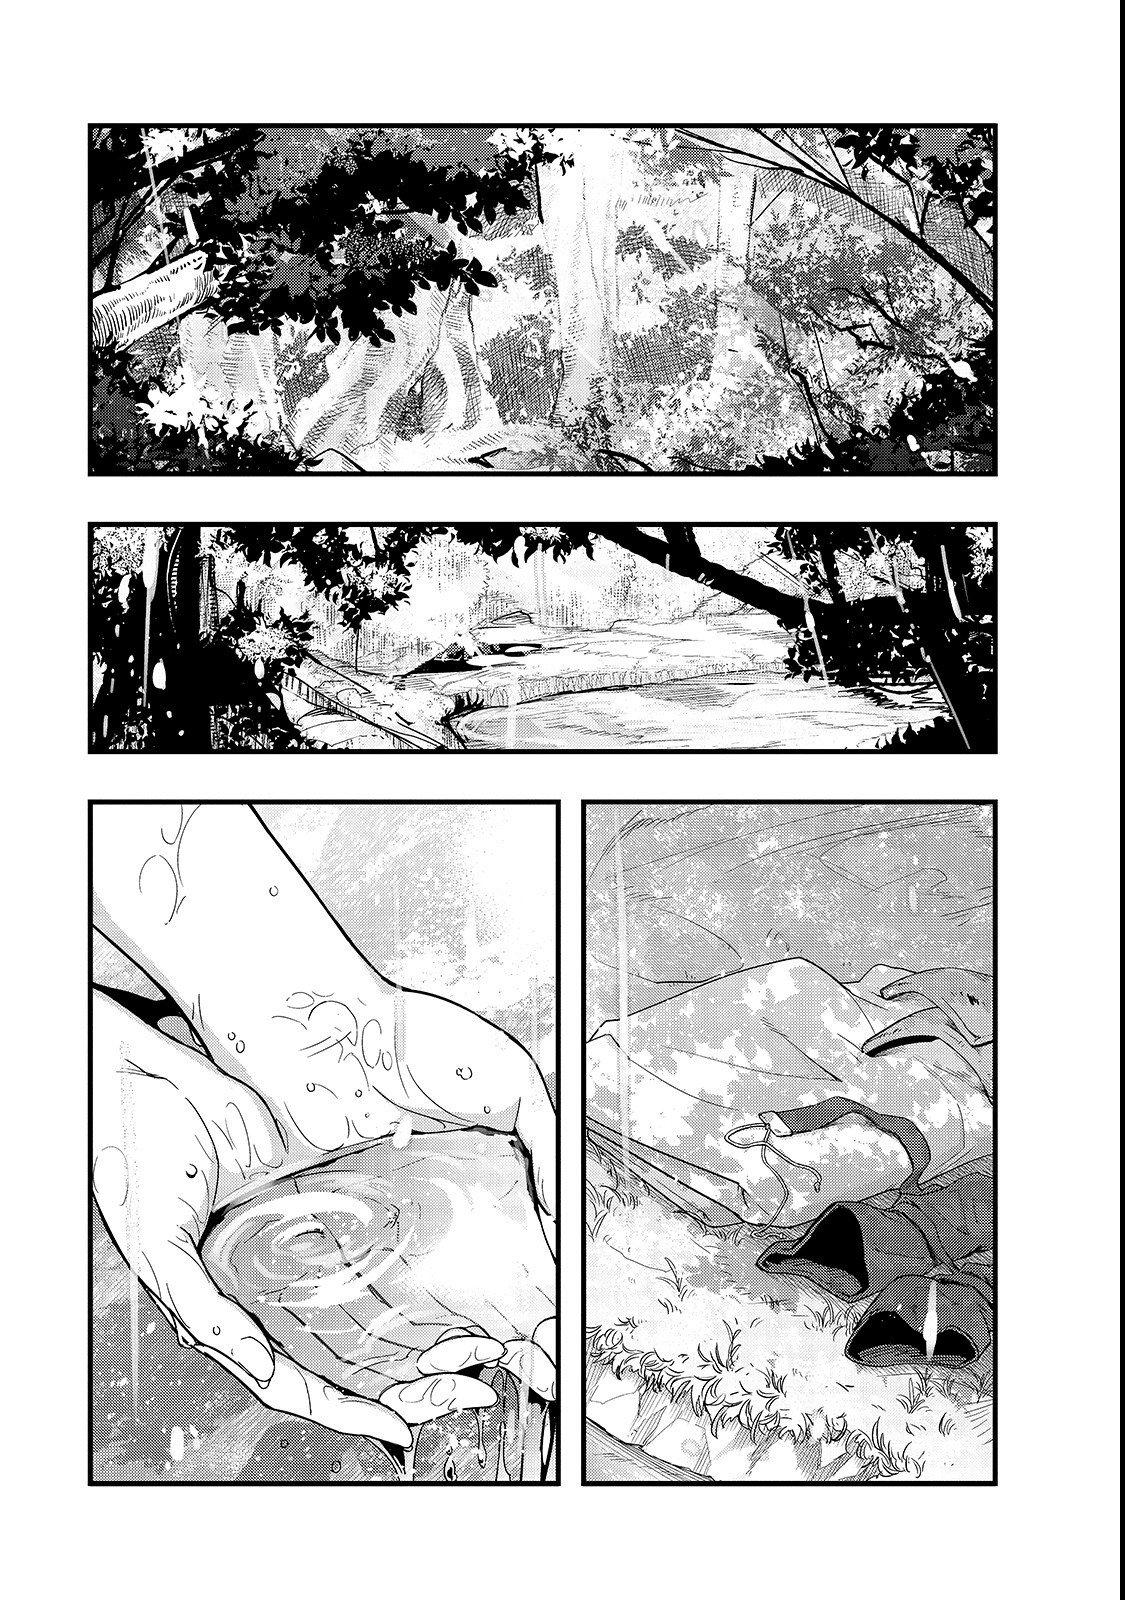 Манга Я стал самым сильным с провальным навыком 【 ненормальное состояние】, я разрушу всё - Глава 2 Страница 1